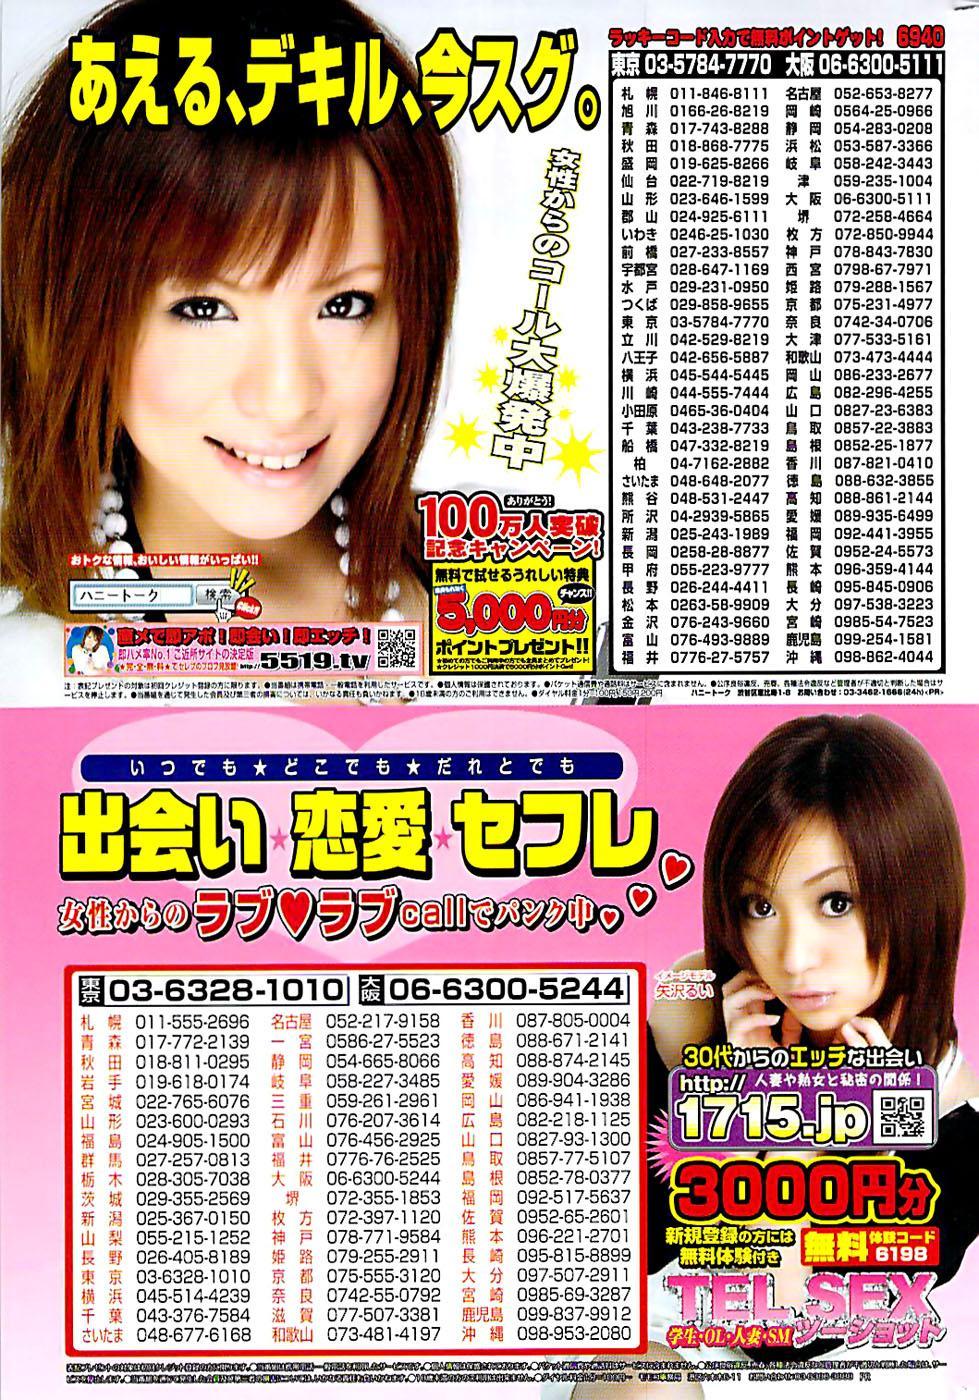 COMIC Shitsurakuten 2009-04 294